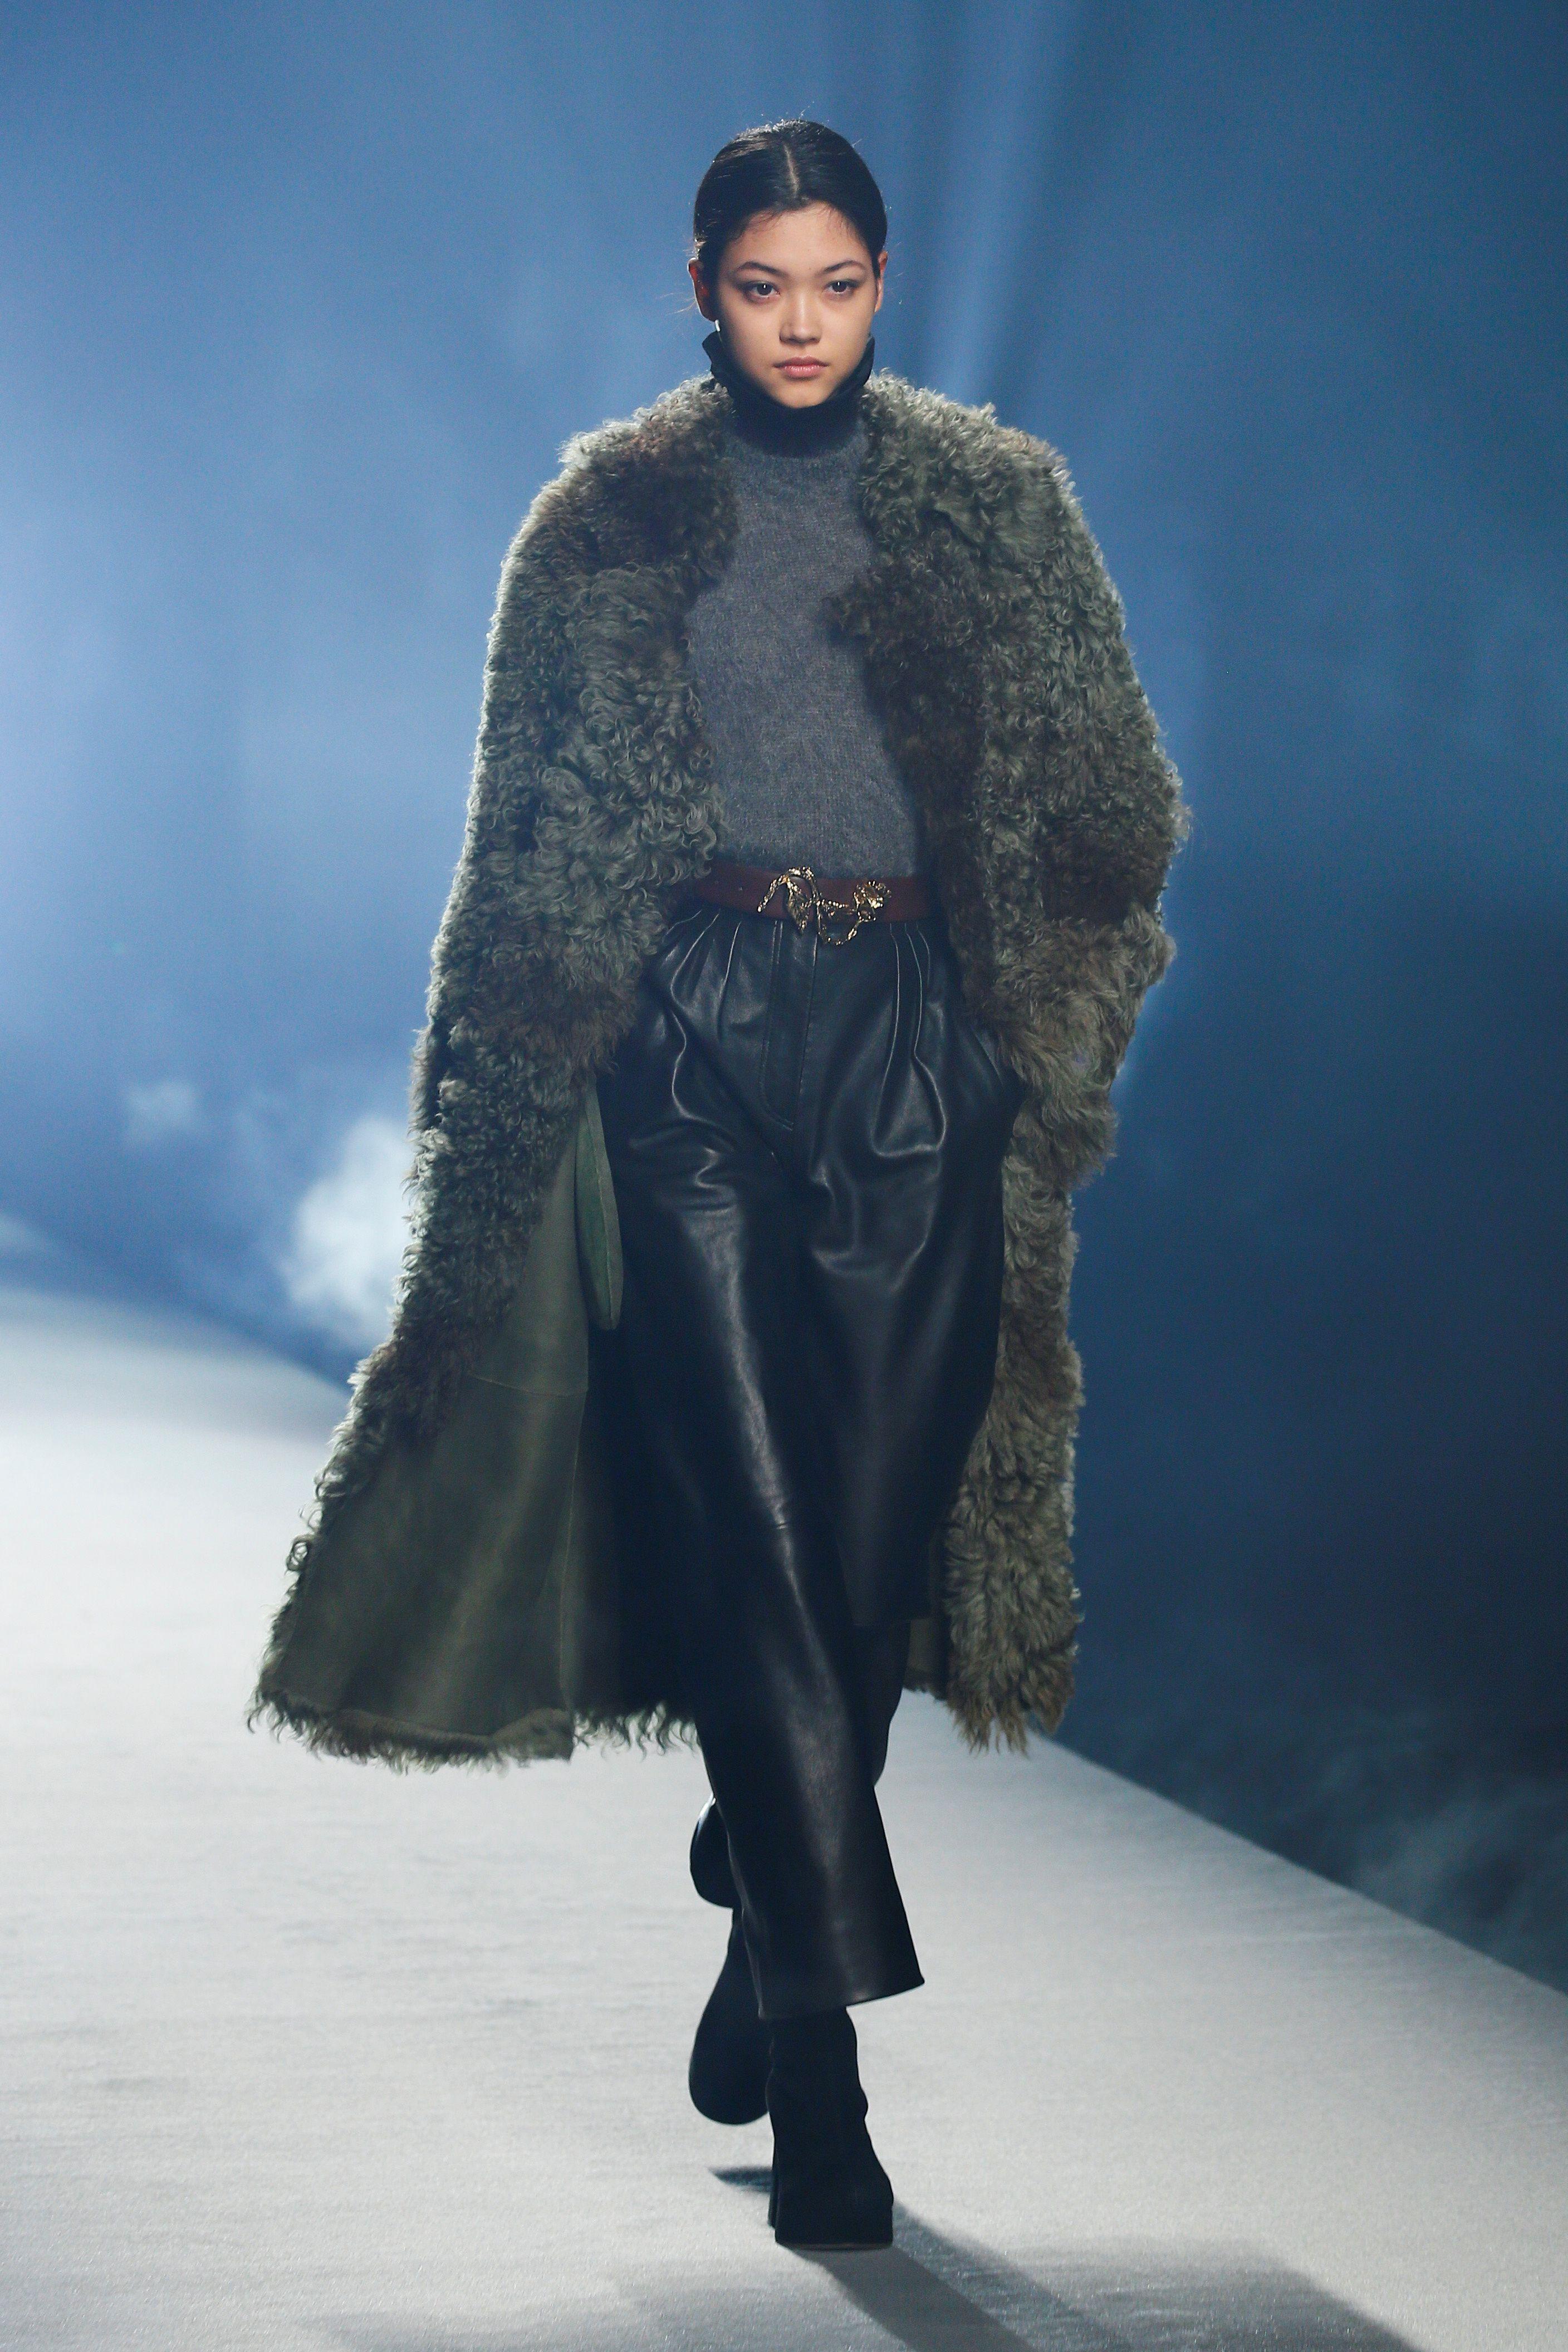 Lejos de presentar en pasarela pantalones chupines, la diseñadora optó por pantalones rectos y anchos, que se verán en las calles durante todo el invierno